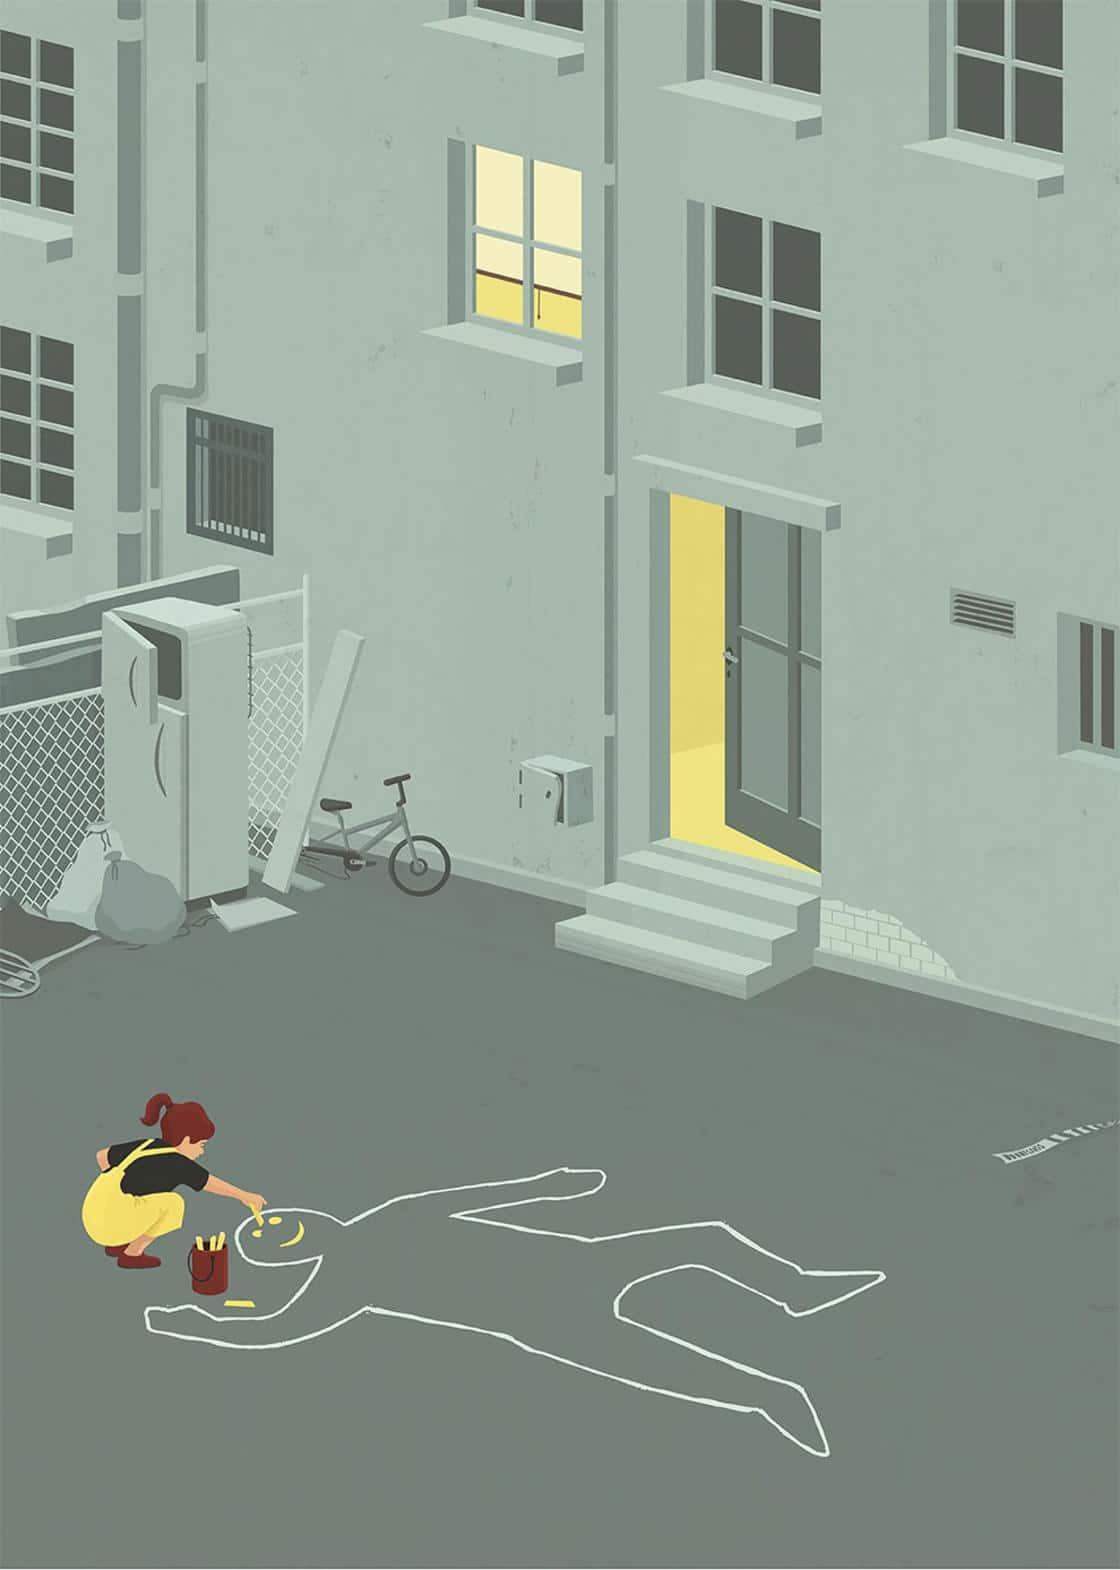 Le illustrazioni satiriche di Stephan Schmitz | Collater.al 13